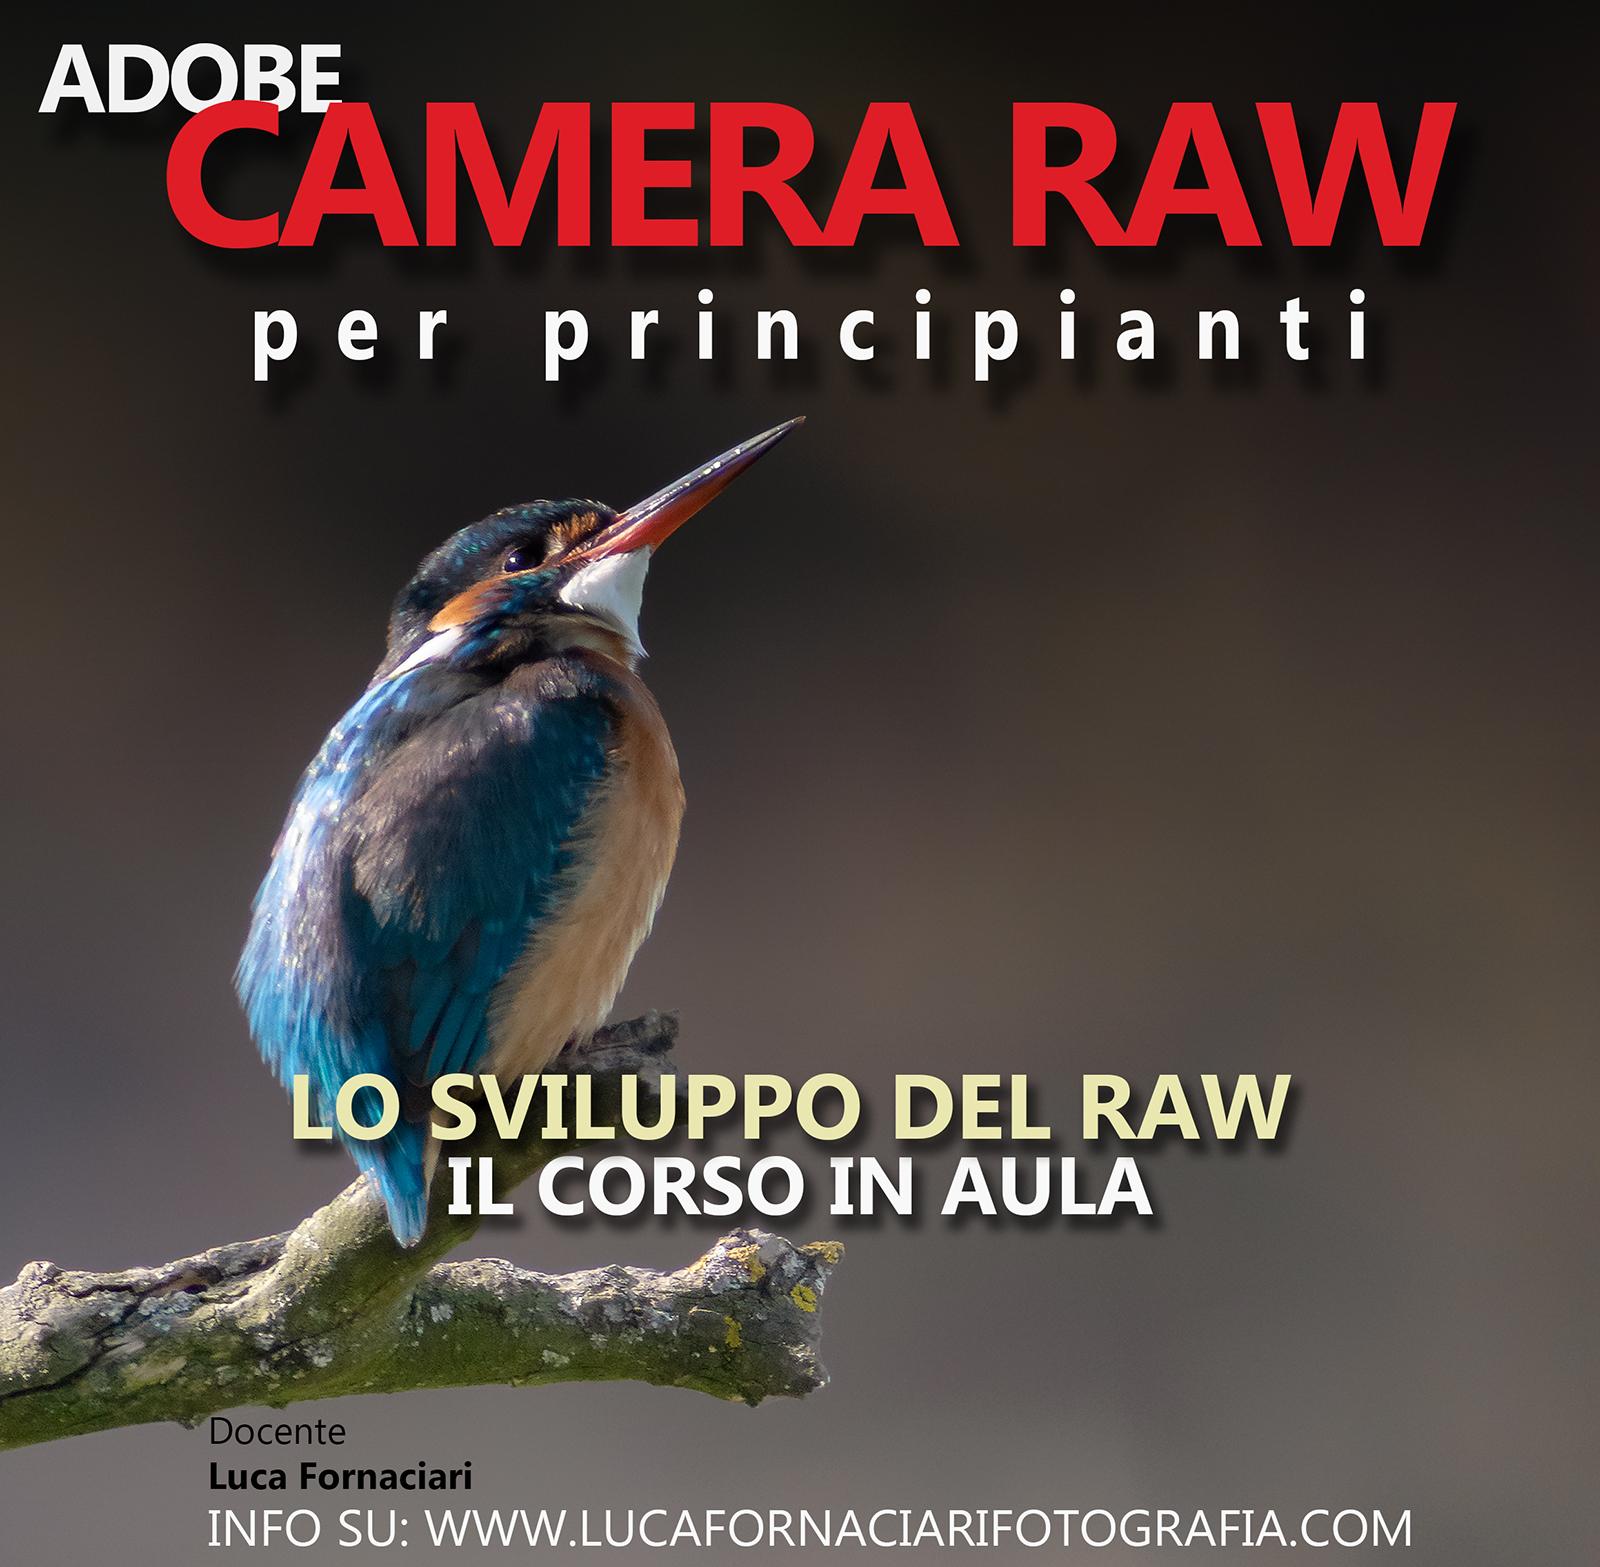 Camera Raw lo sviluppo del negativo digitale corso guida lezione lezioni scuola modena planetario fotografia